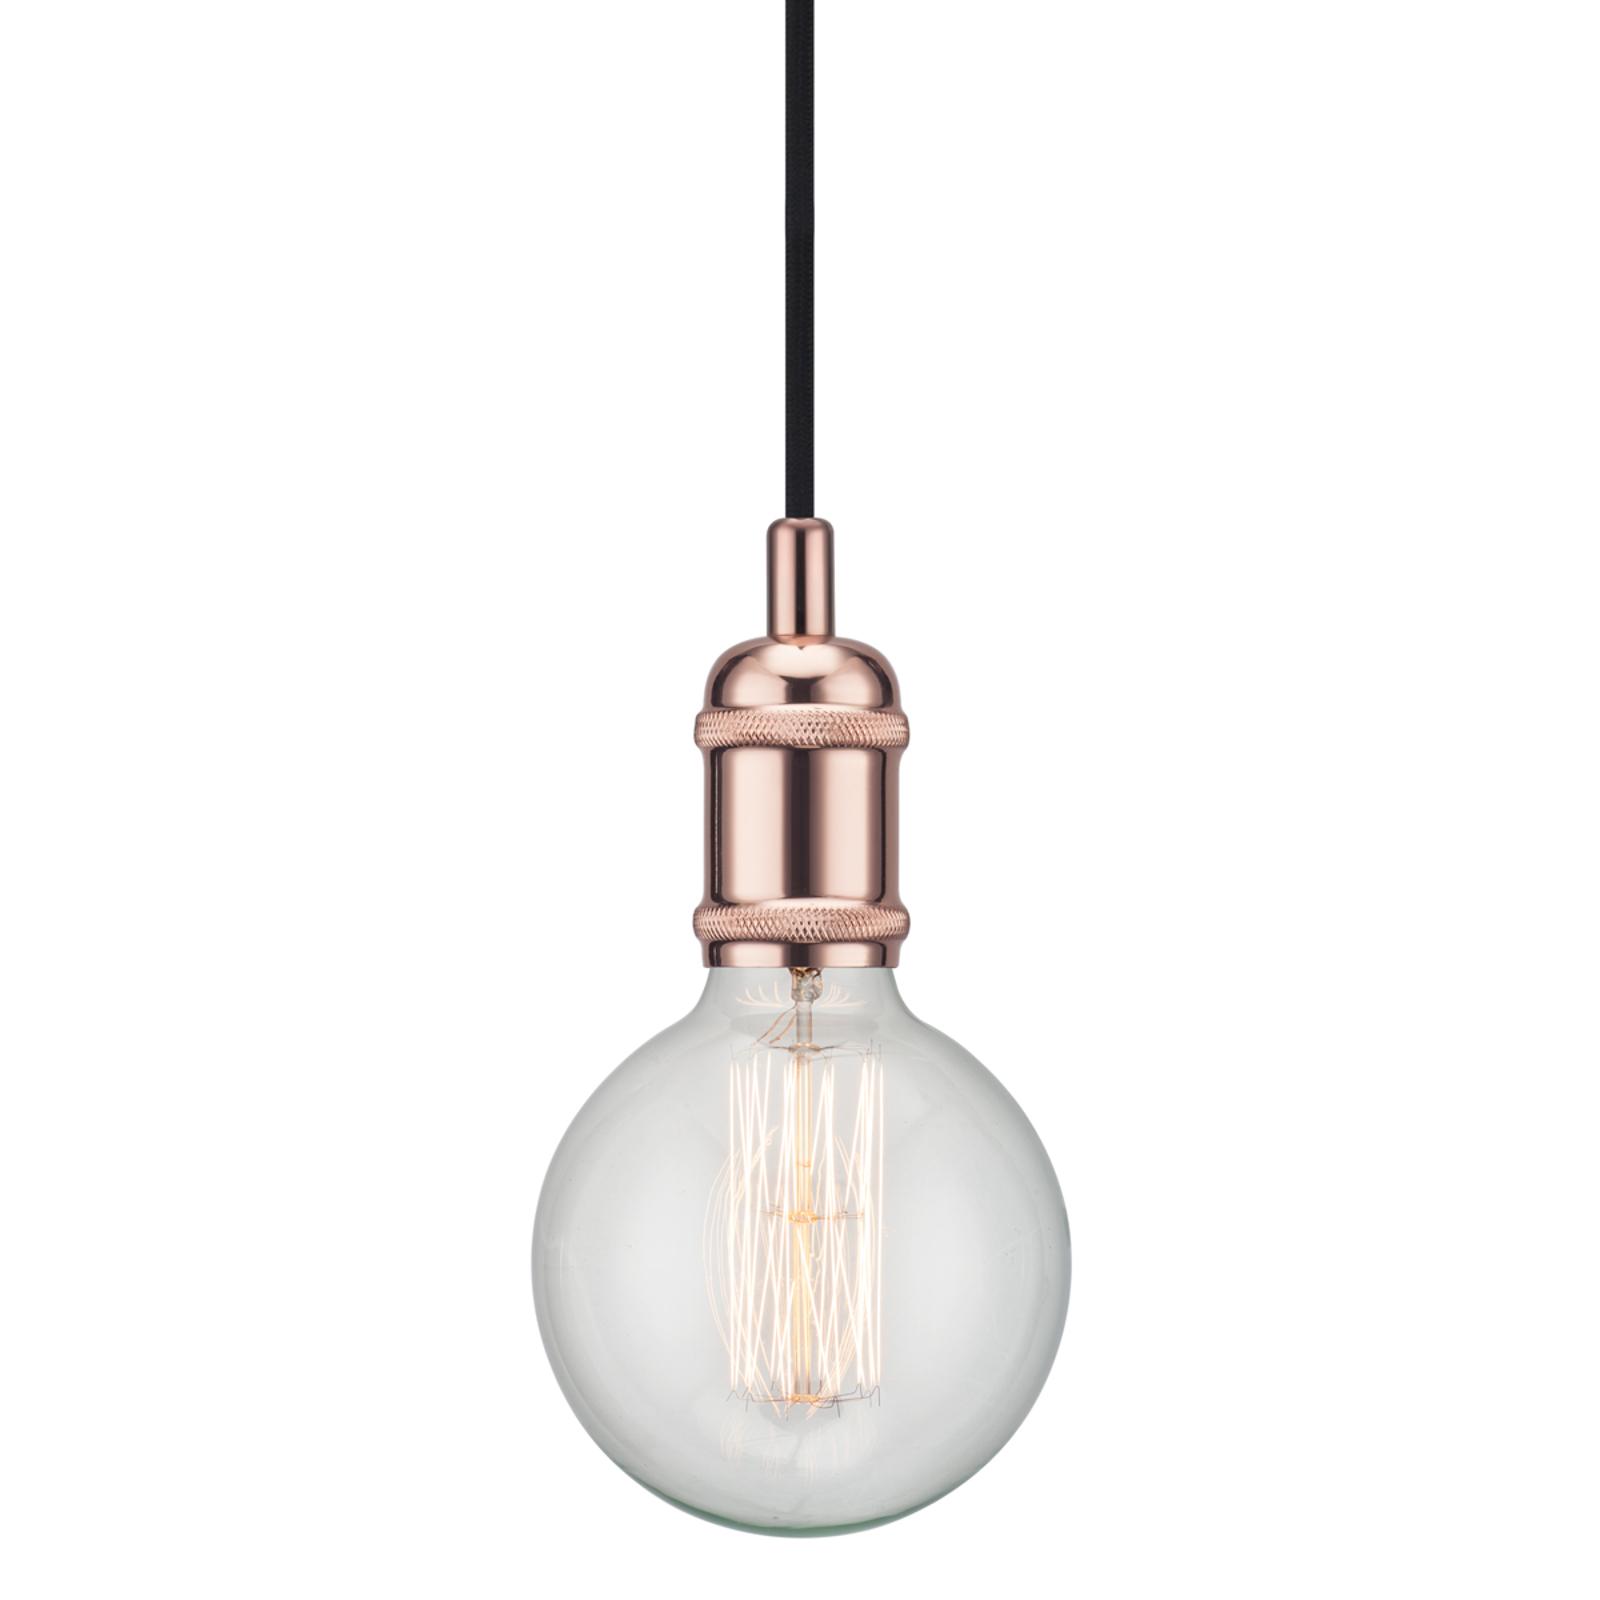 Avra - minimalistische hanglamp in koper